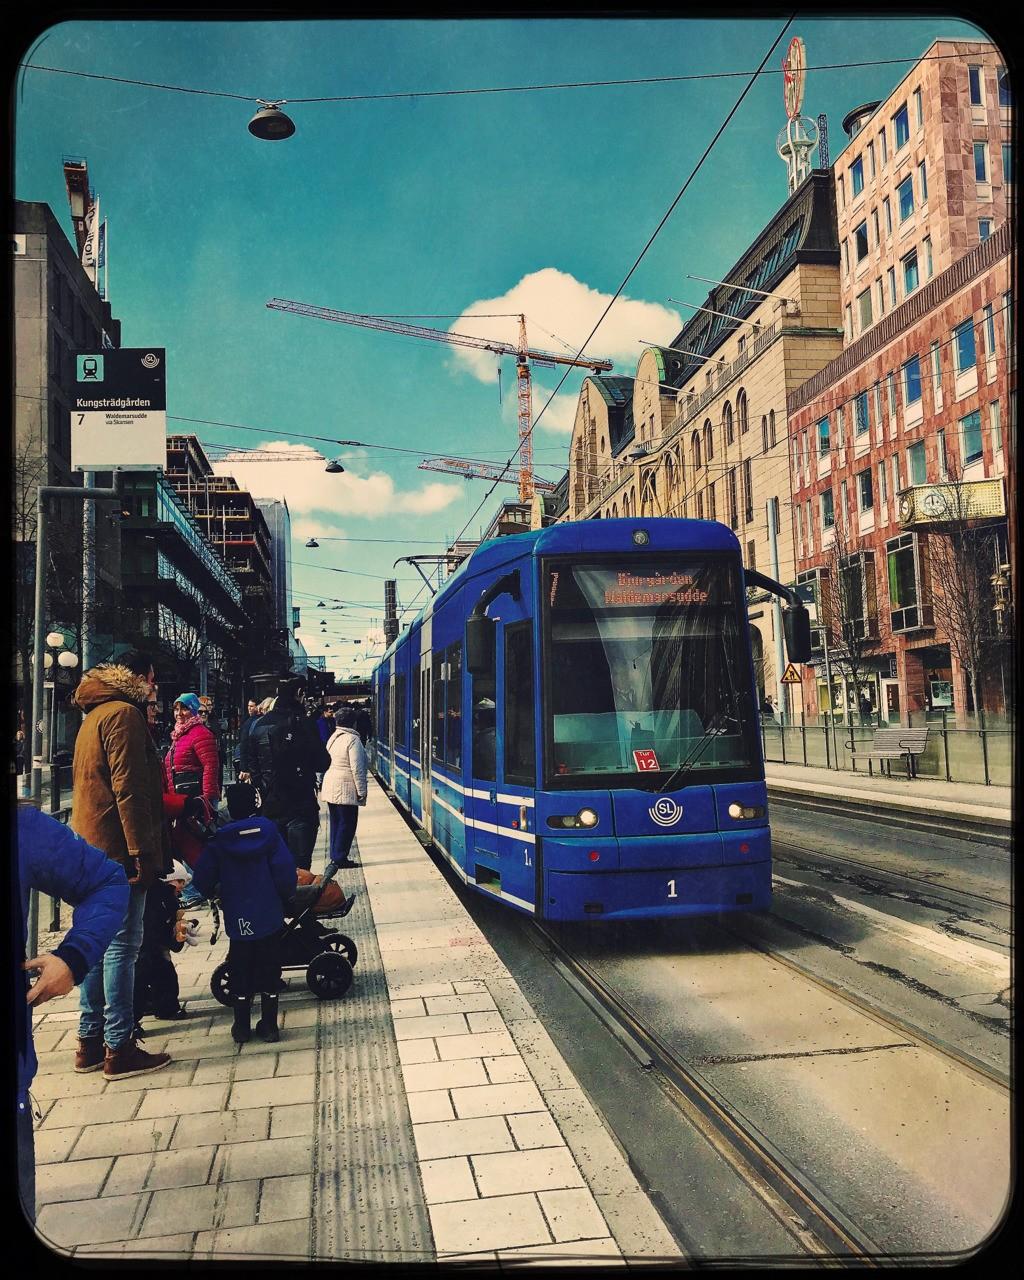 Tram arriving #stockholm #hipstamatic